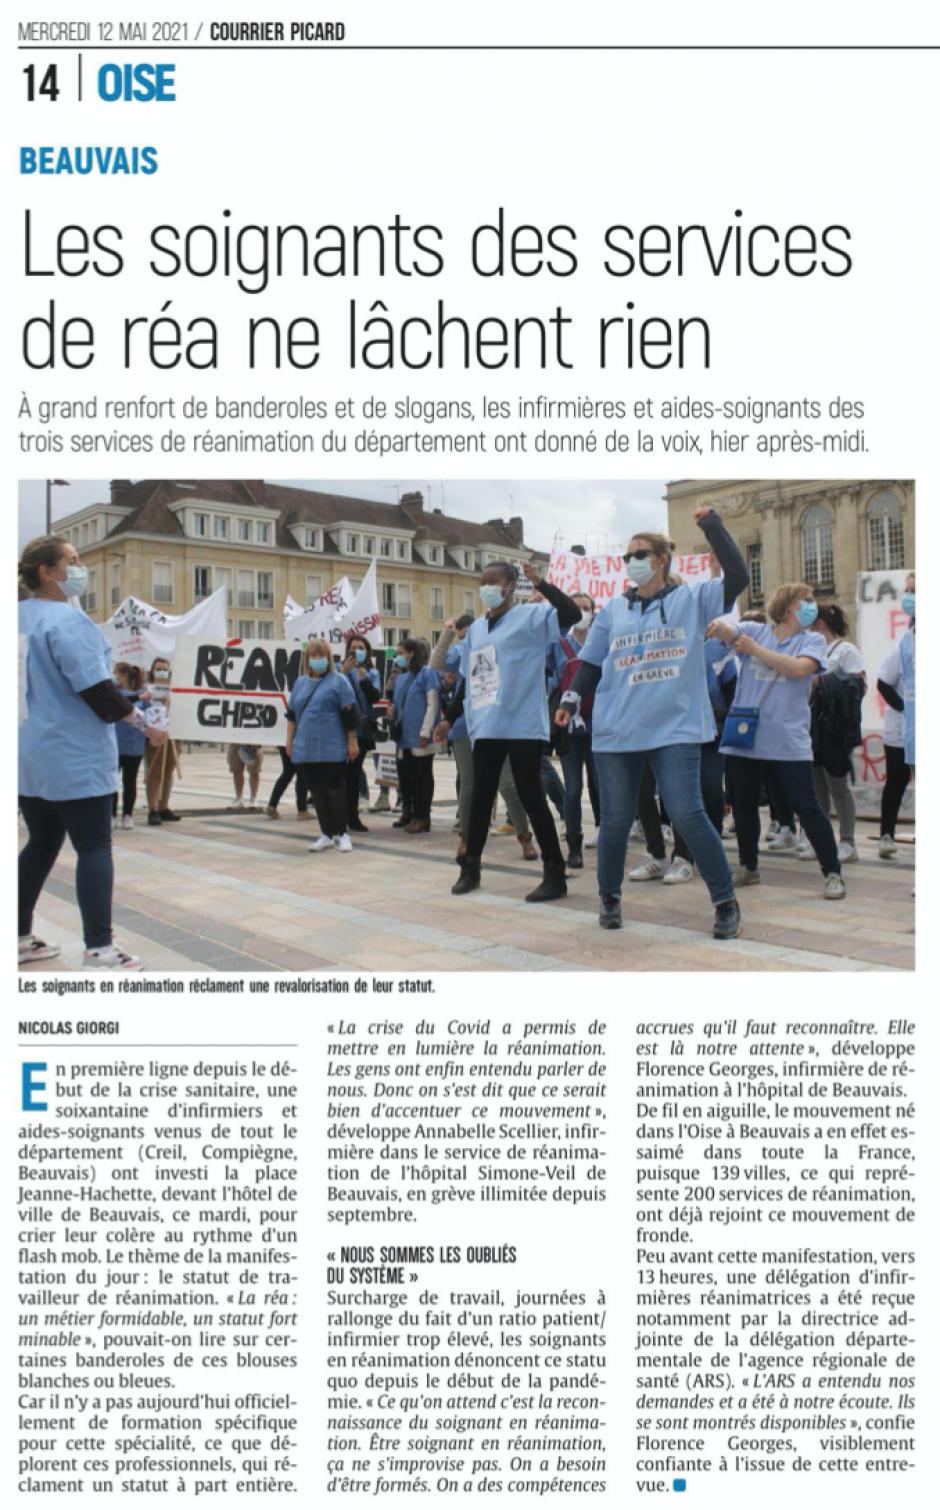 20210512-CP-Beauvais-Les soignants des services de réa ne lâchent rien